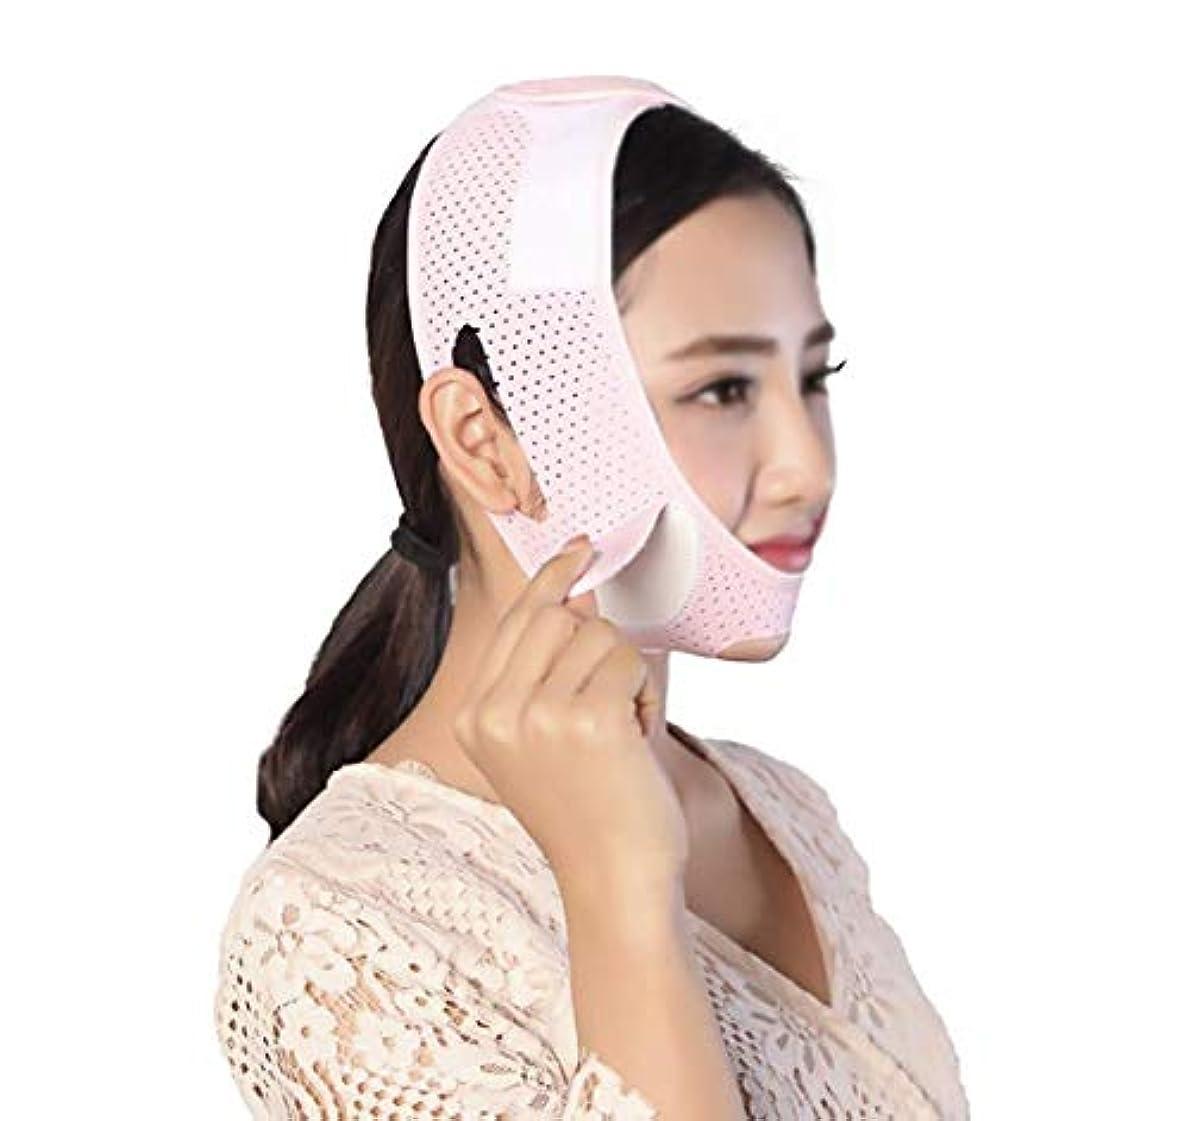 主張するアボート加入顔と首を持ち上げる術後弾性セットVフェイスマスクは、チンV顔アーティファクト回復サポートベルトの収縮の調整を強化します。